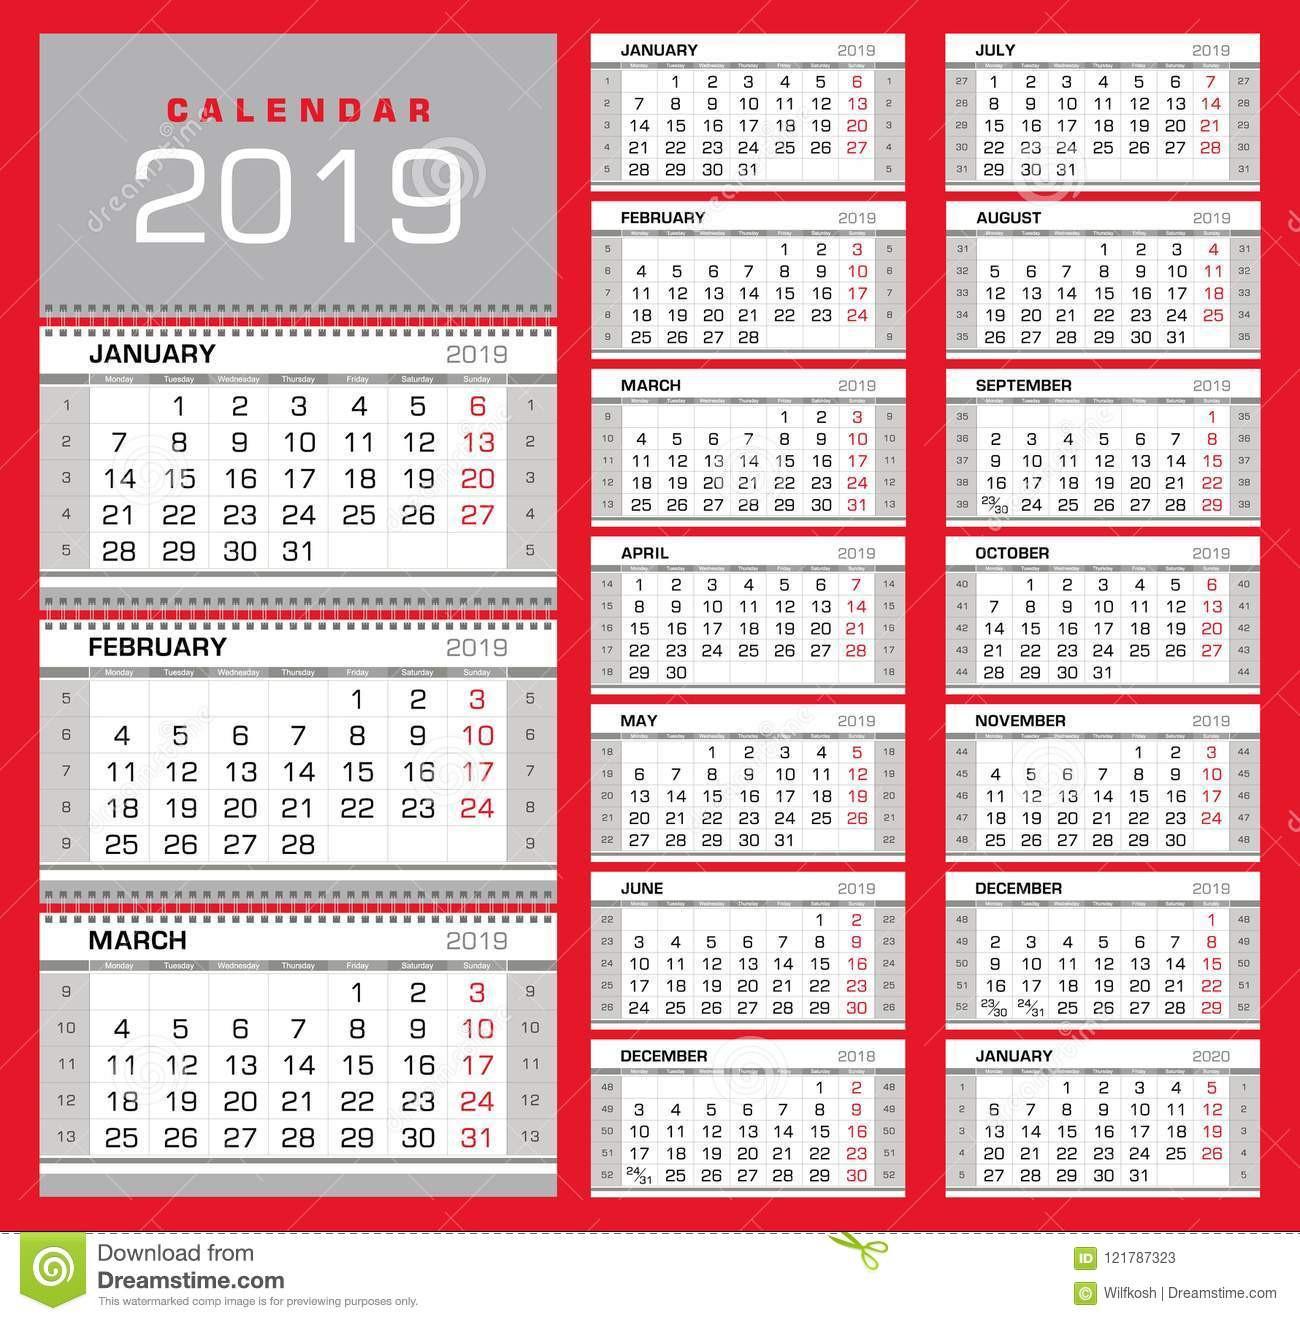 Wall Calendar Print Out Showing Week Numbers | Example  Weeknum Calendar